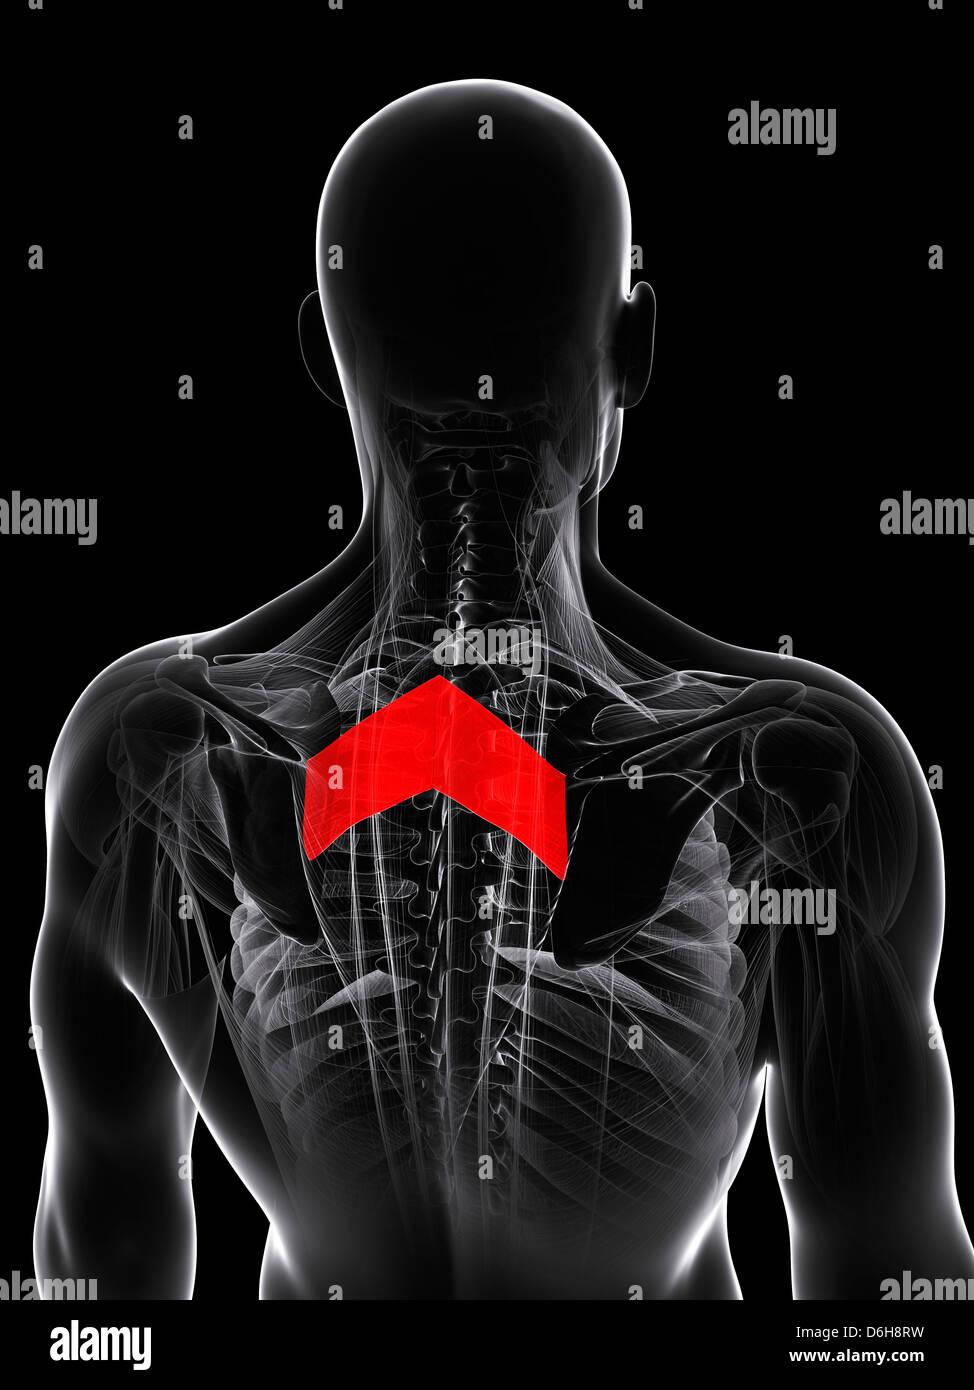 Fantastisch Anatomie Der Menschlichen Rückenmuskulatur Ideen ...